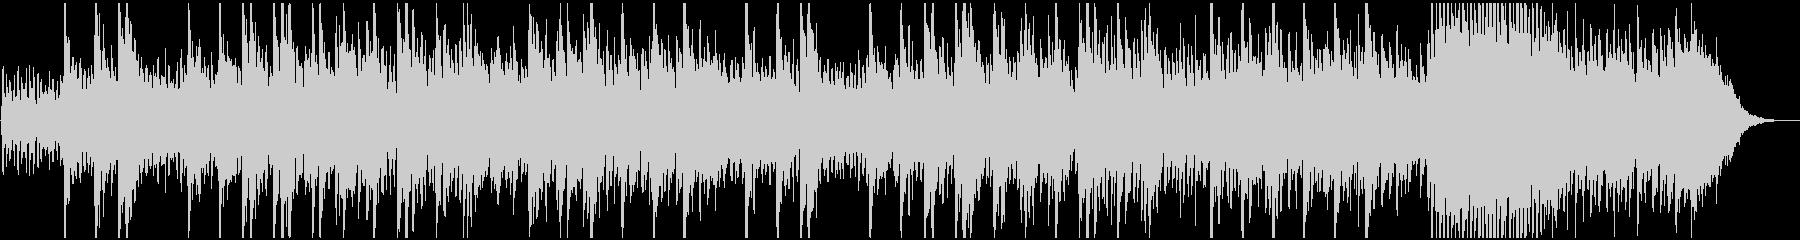 感動的な映像、CM用わくわくするピアノ曲の未再生の波形